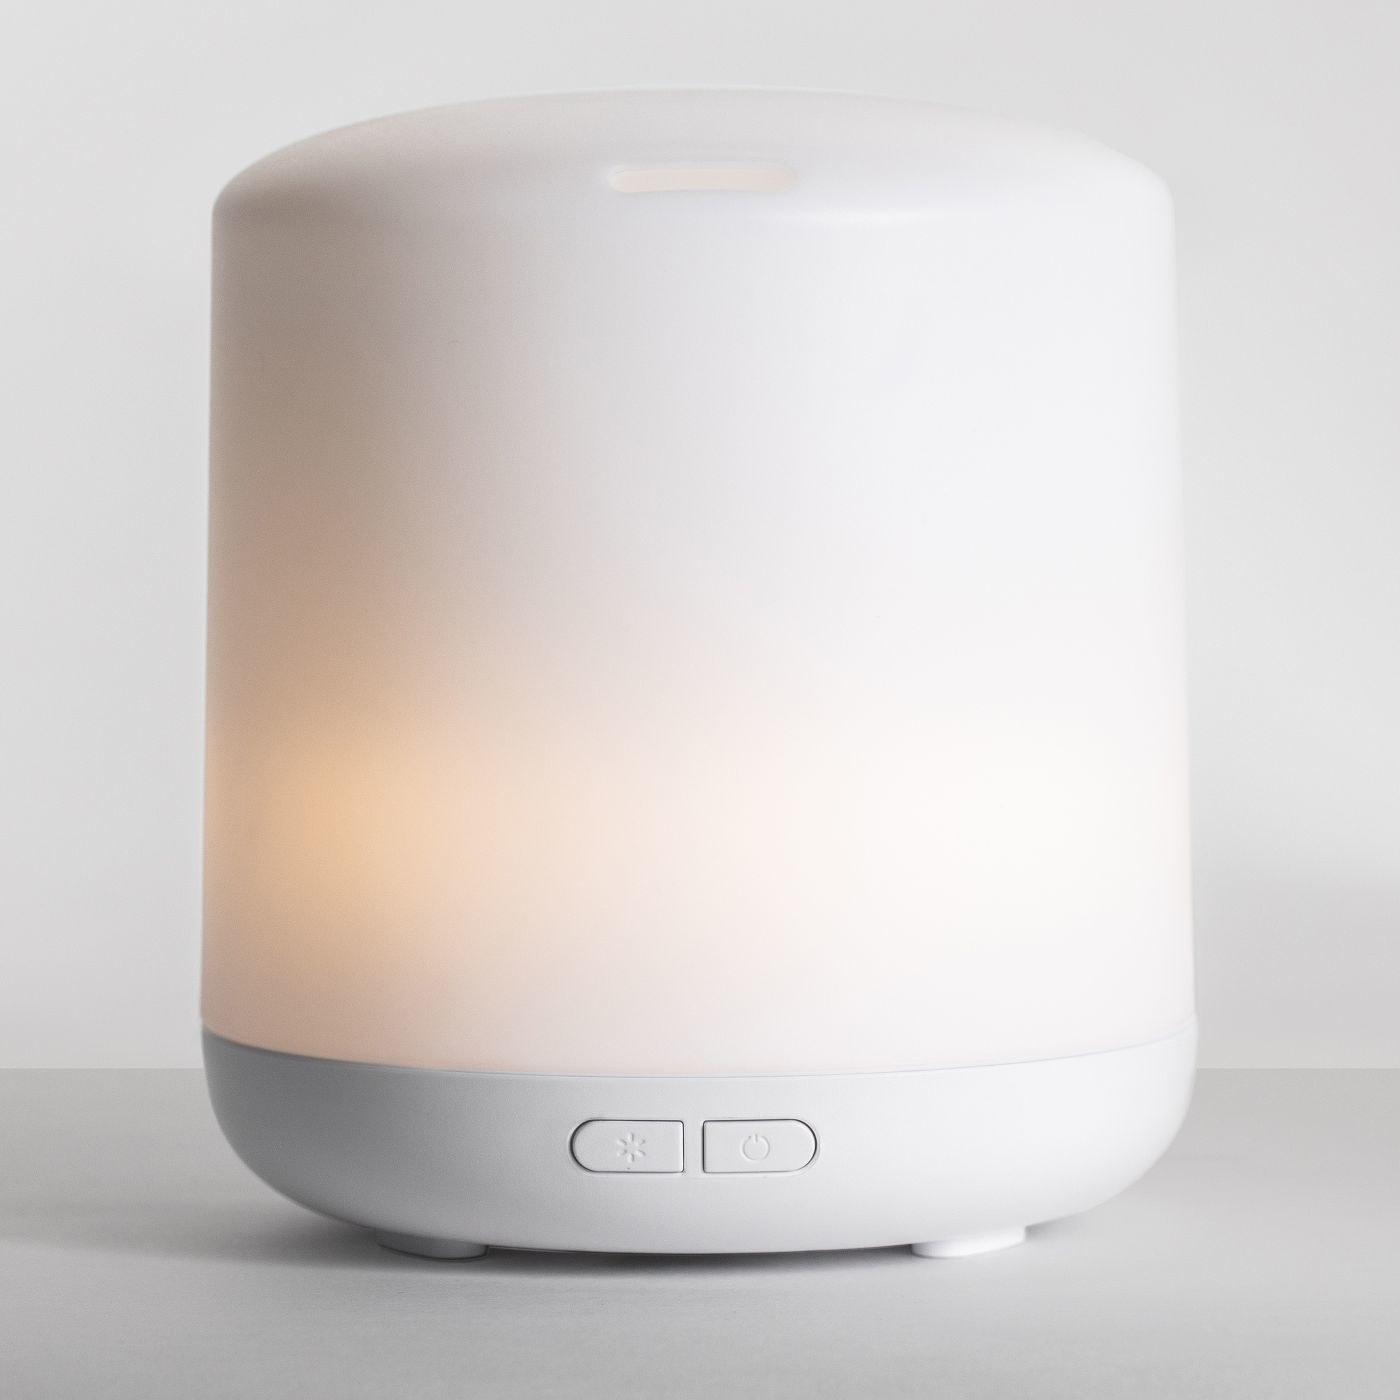 A white oil diffuser